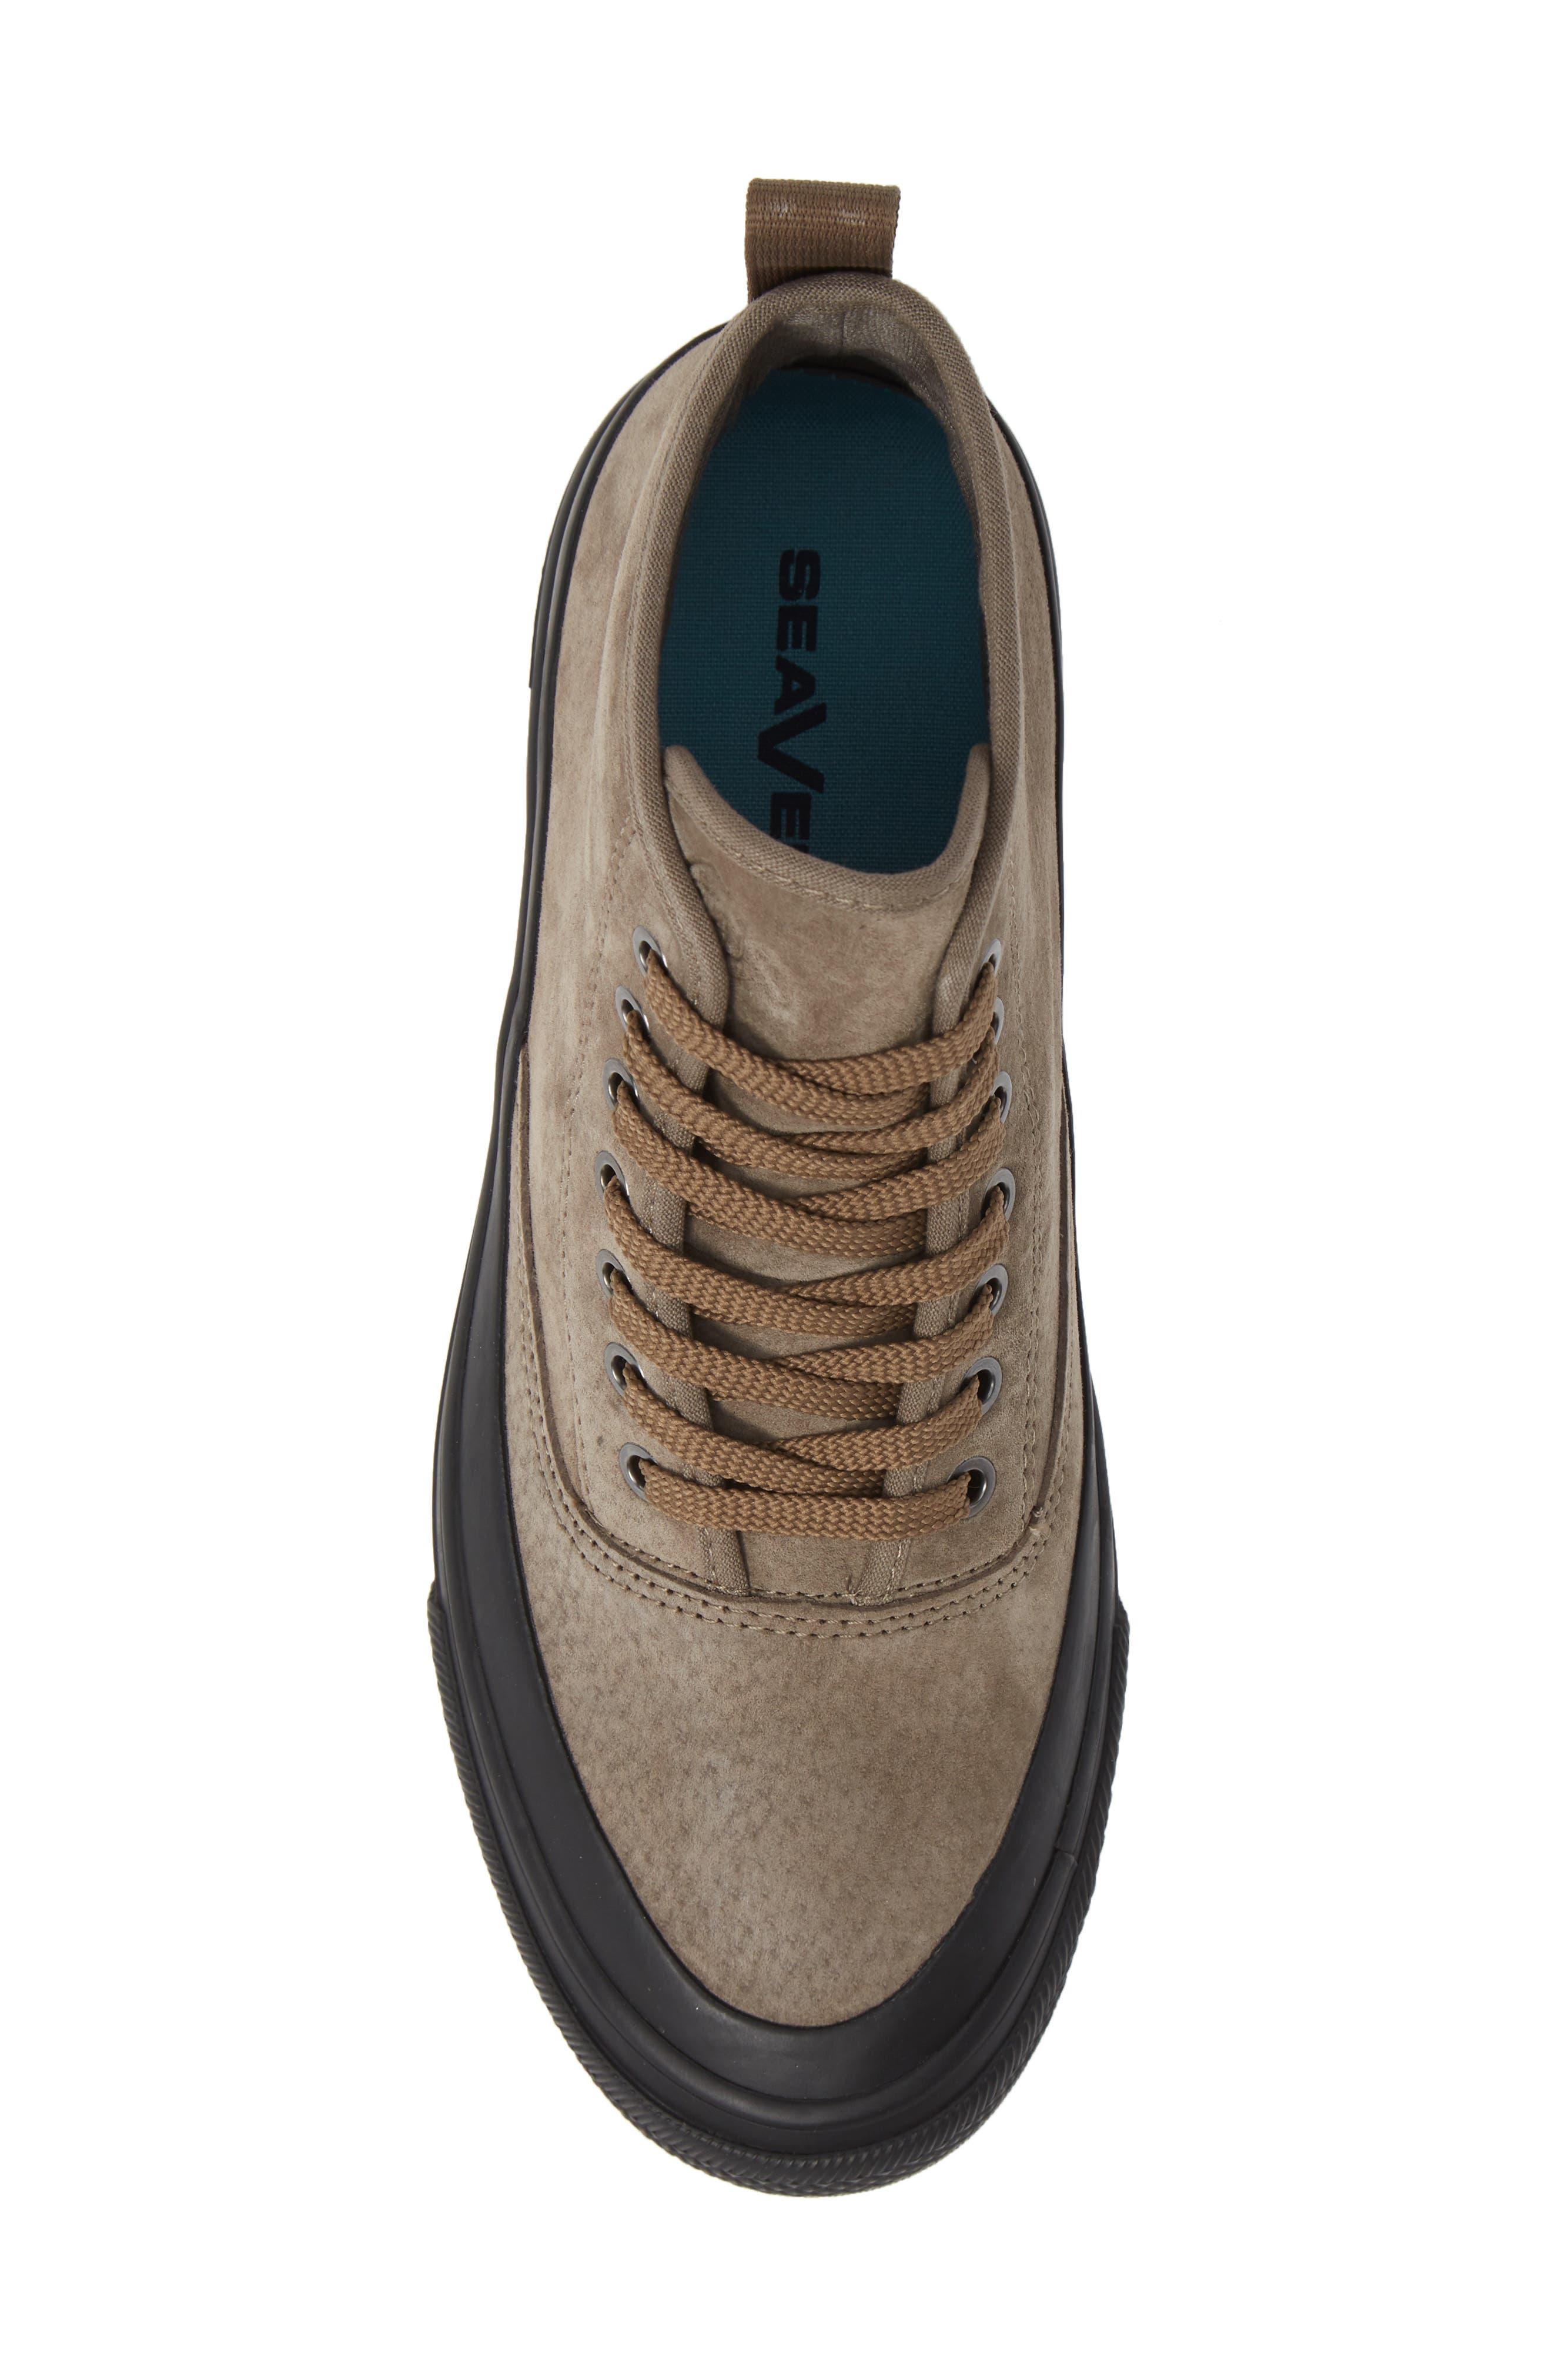 Mariners Waterproof Sneaker,                             Alternate thumbnail 5, color,                             BROWN SUEDE